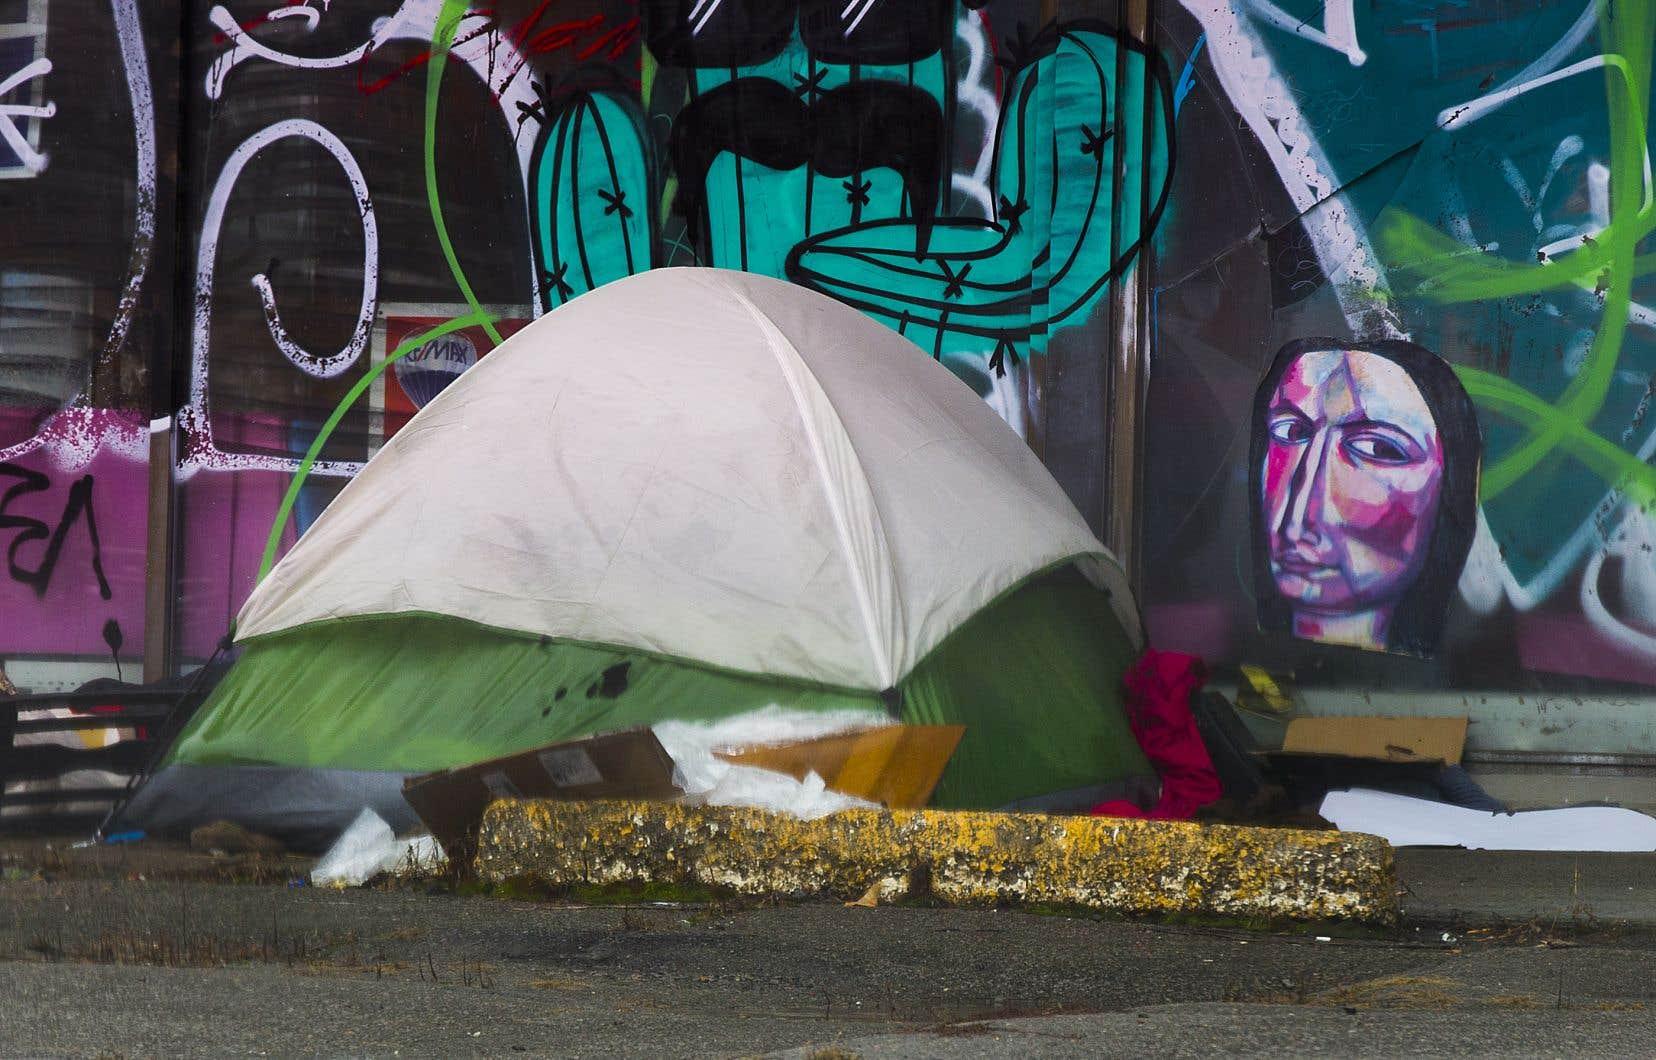 L'organisme Plein Milieu entend commencer à distribuer des tentes à des itinérants.